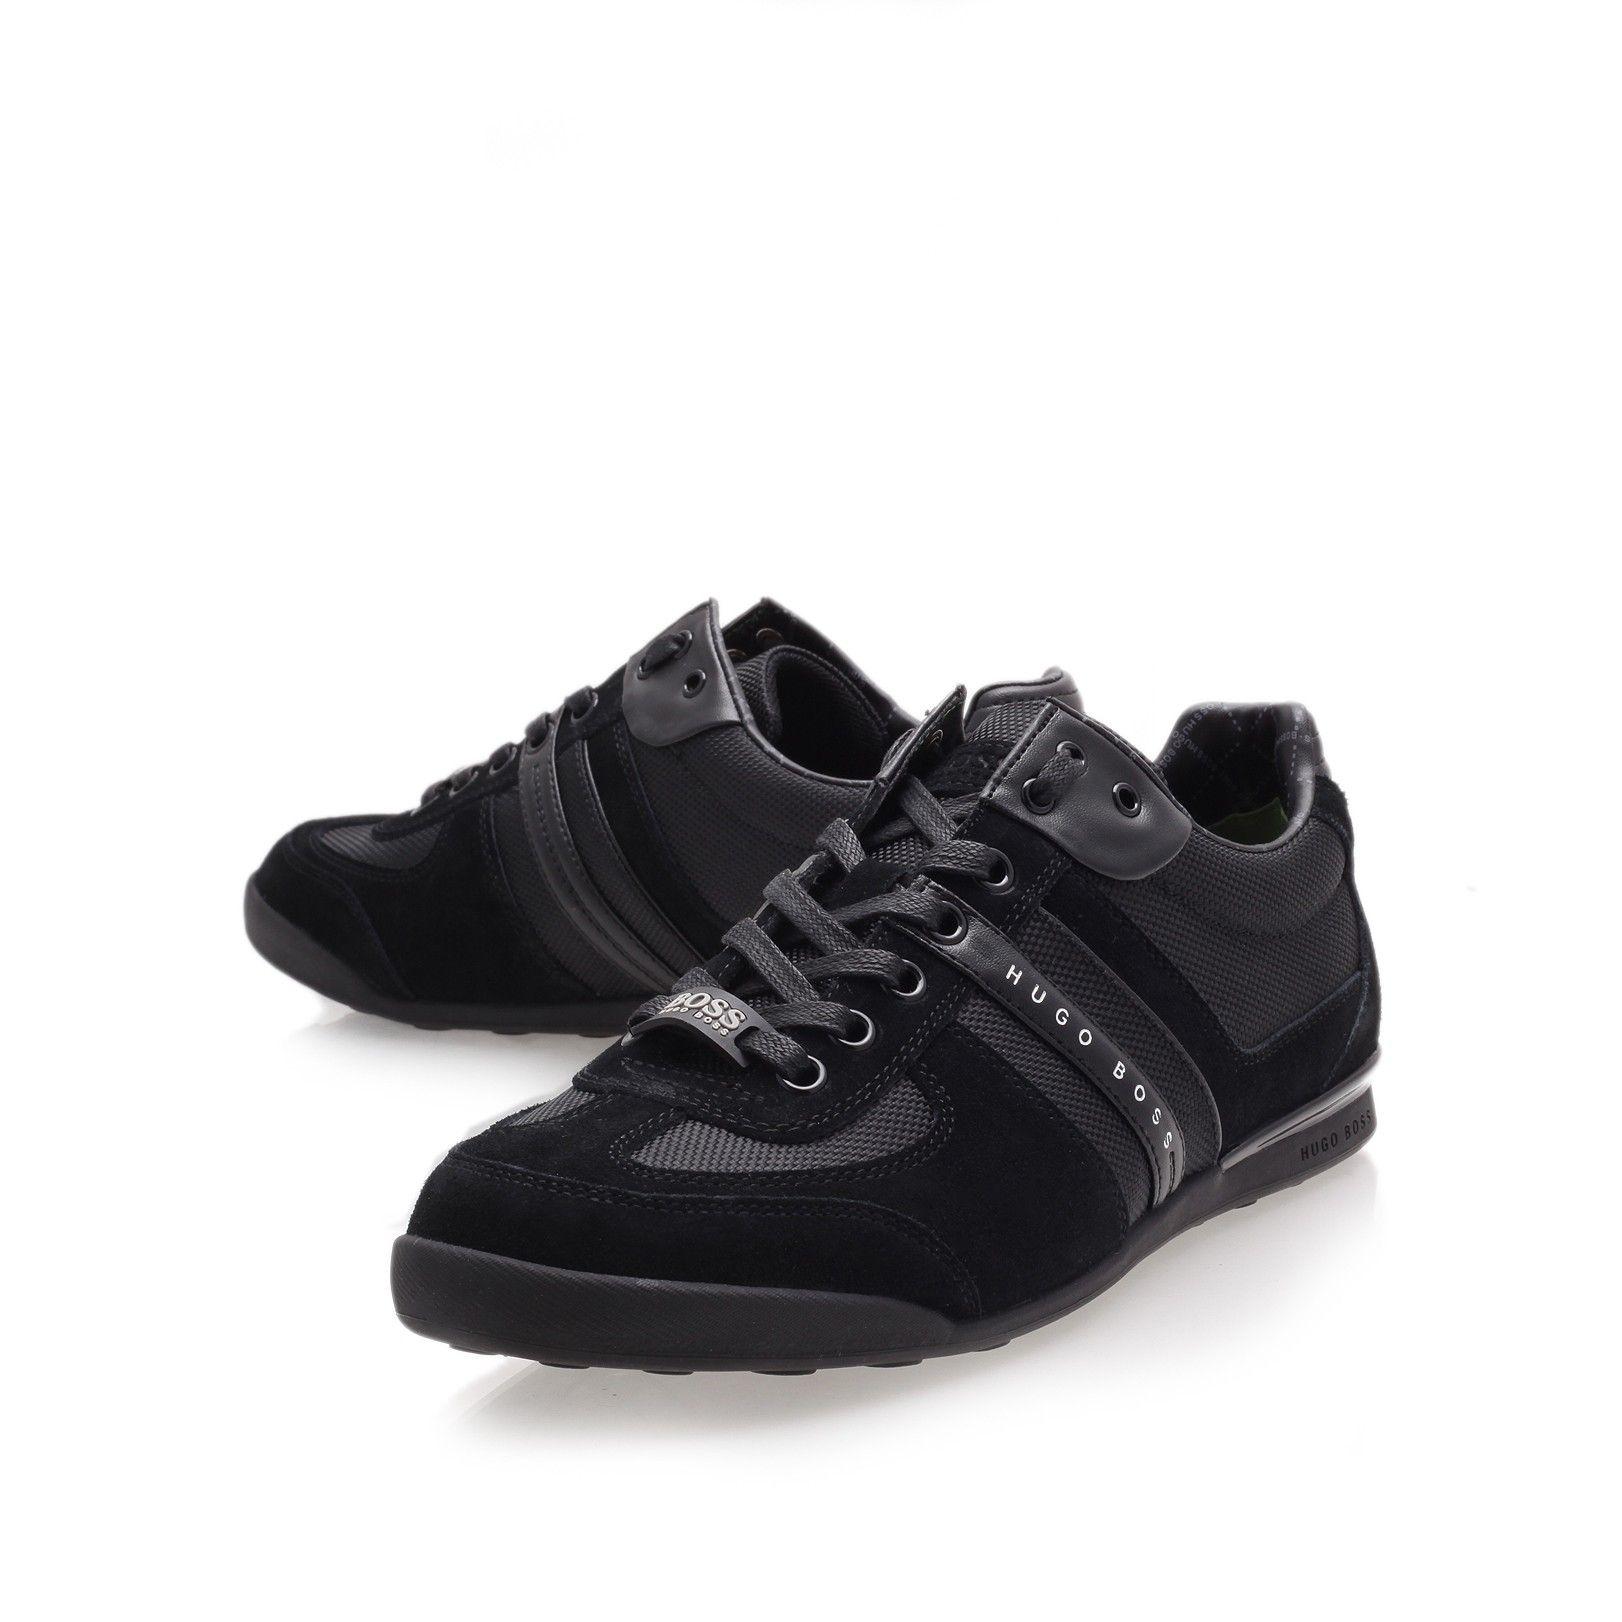 47ca24214f4f38 akeen lo pro sneaker